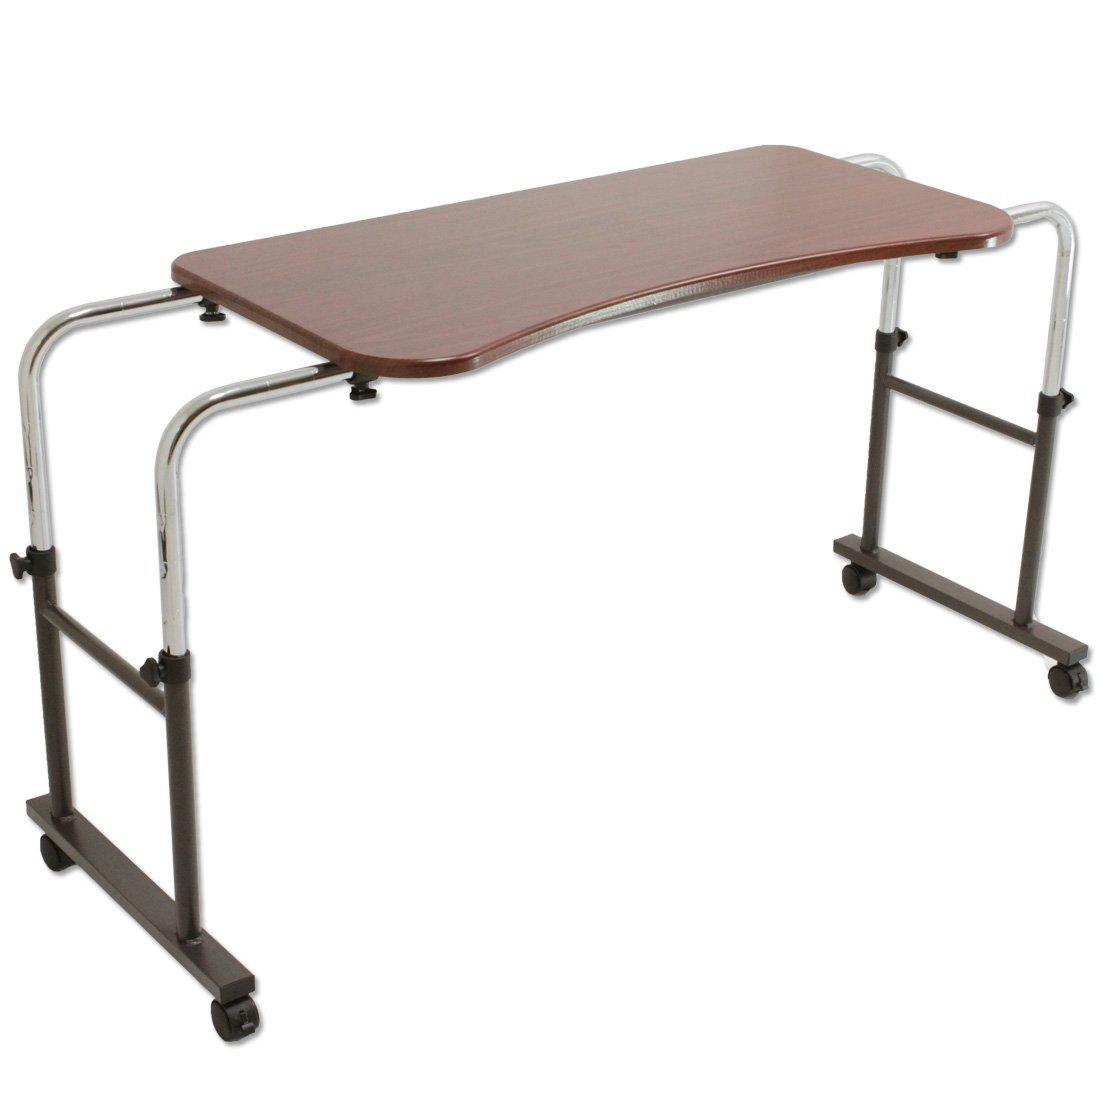 タンスのゲン 介護用ベッドテーブル キャスター付き 伸縮式 高さ調節可能 Licht リヒト 65090050BR